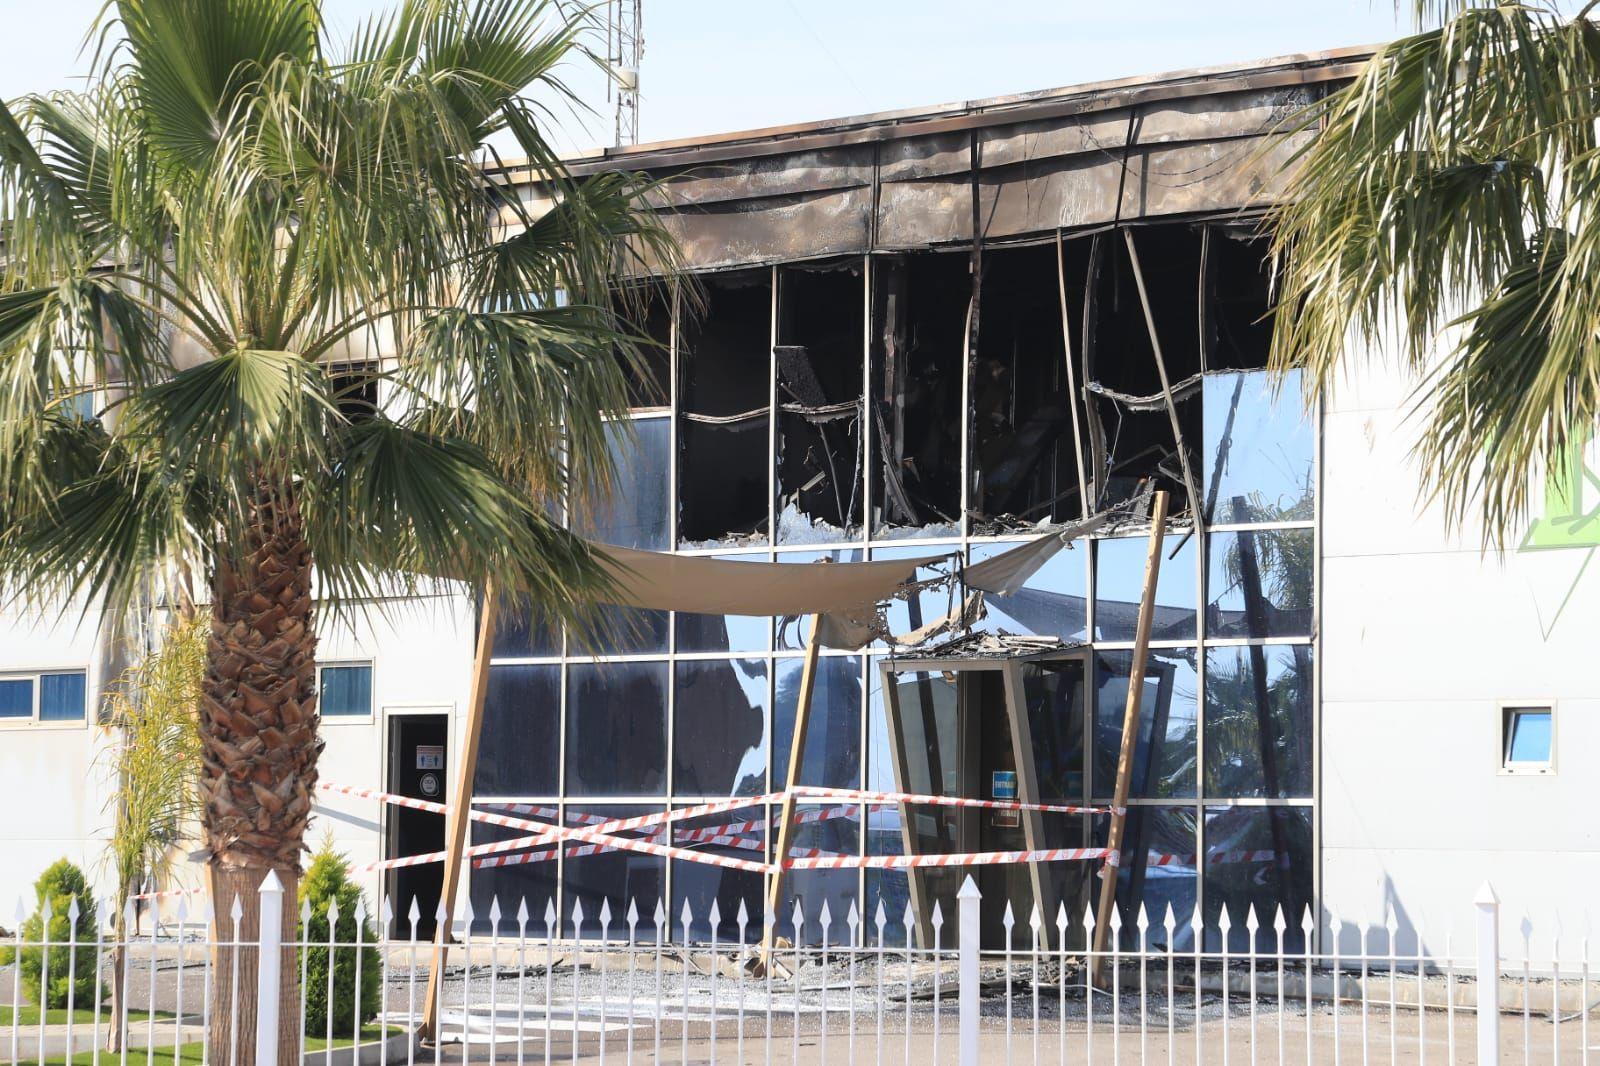 Incendio en una empresa de semilleros en Totana